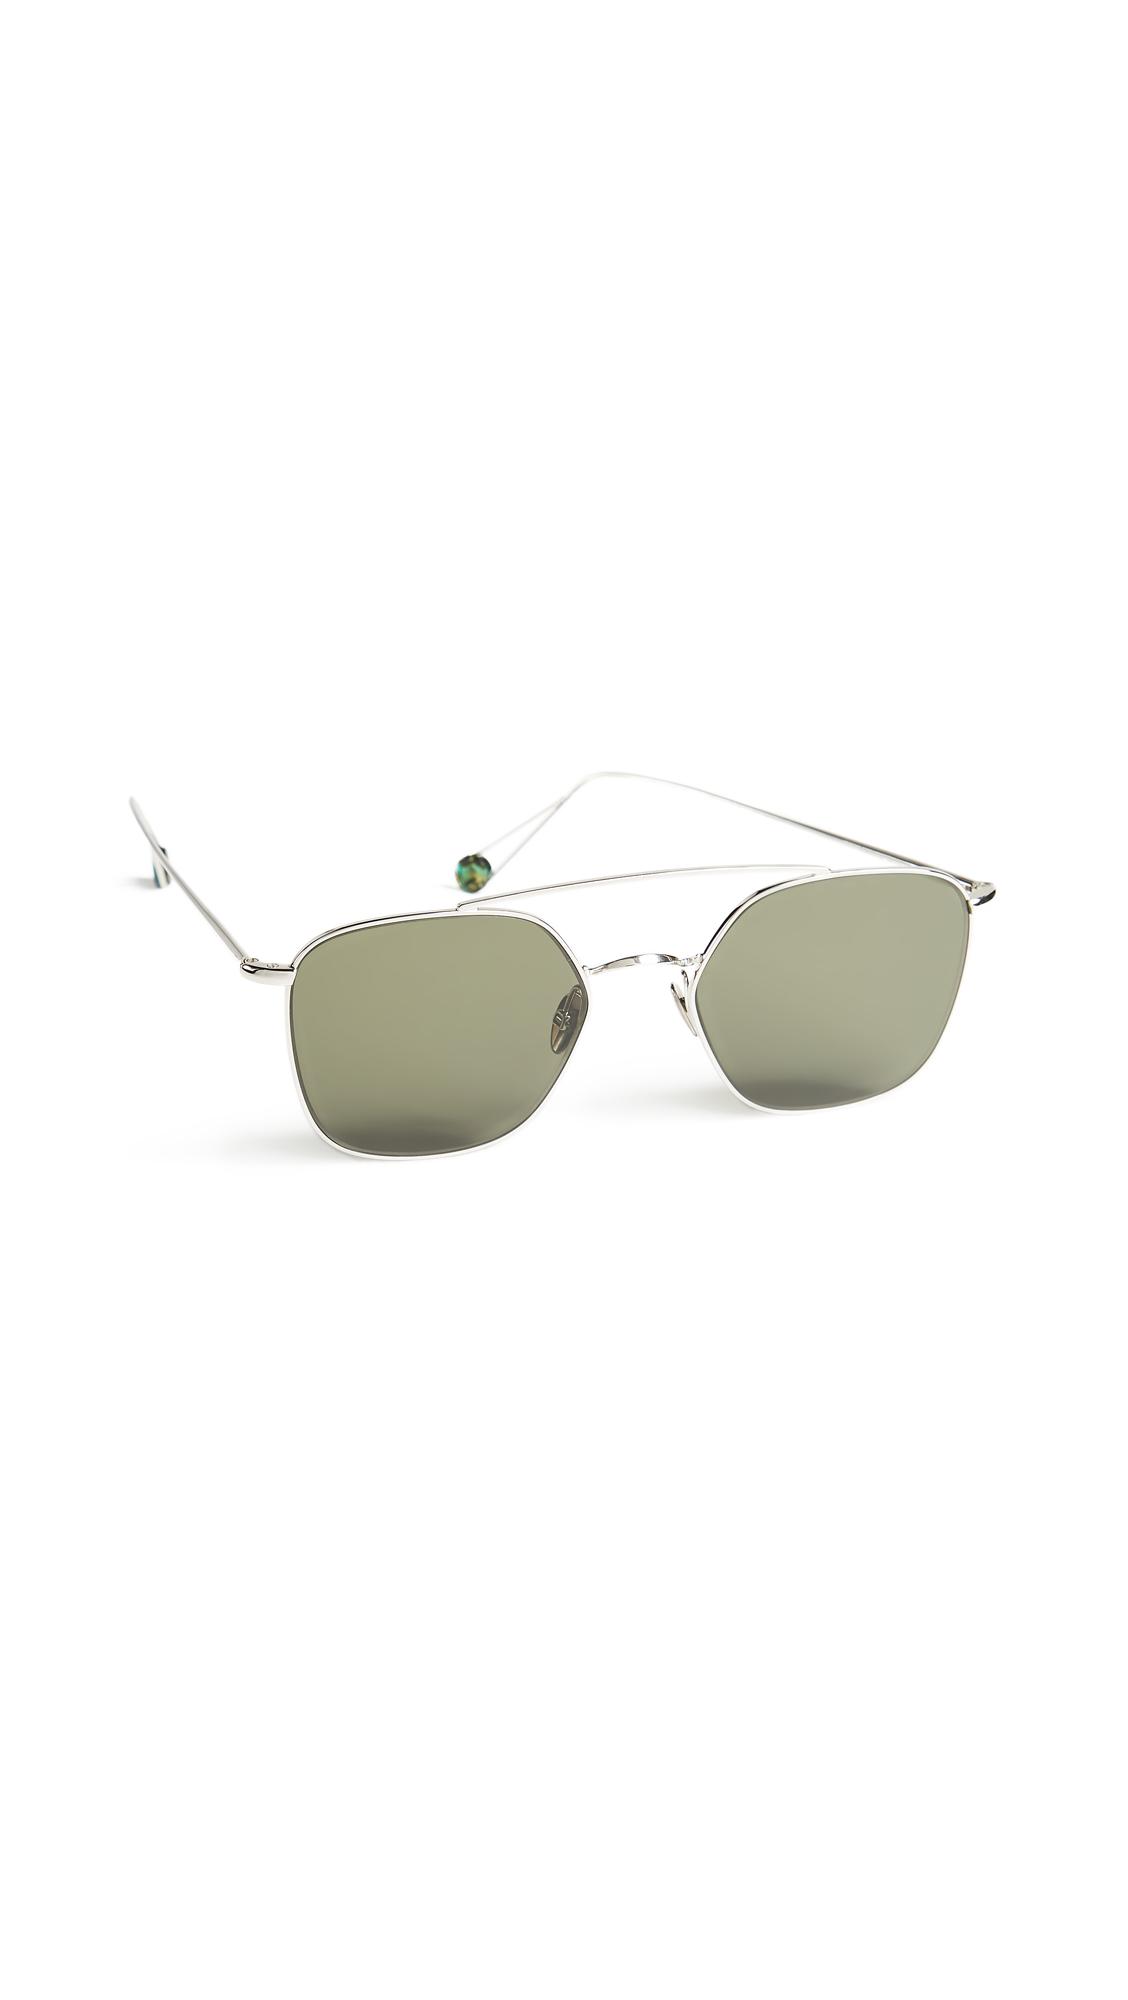 Concorde Sunglasses, White Gold/Grey